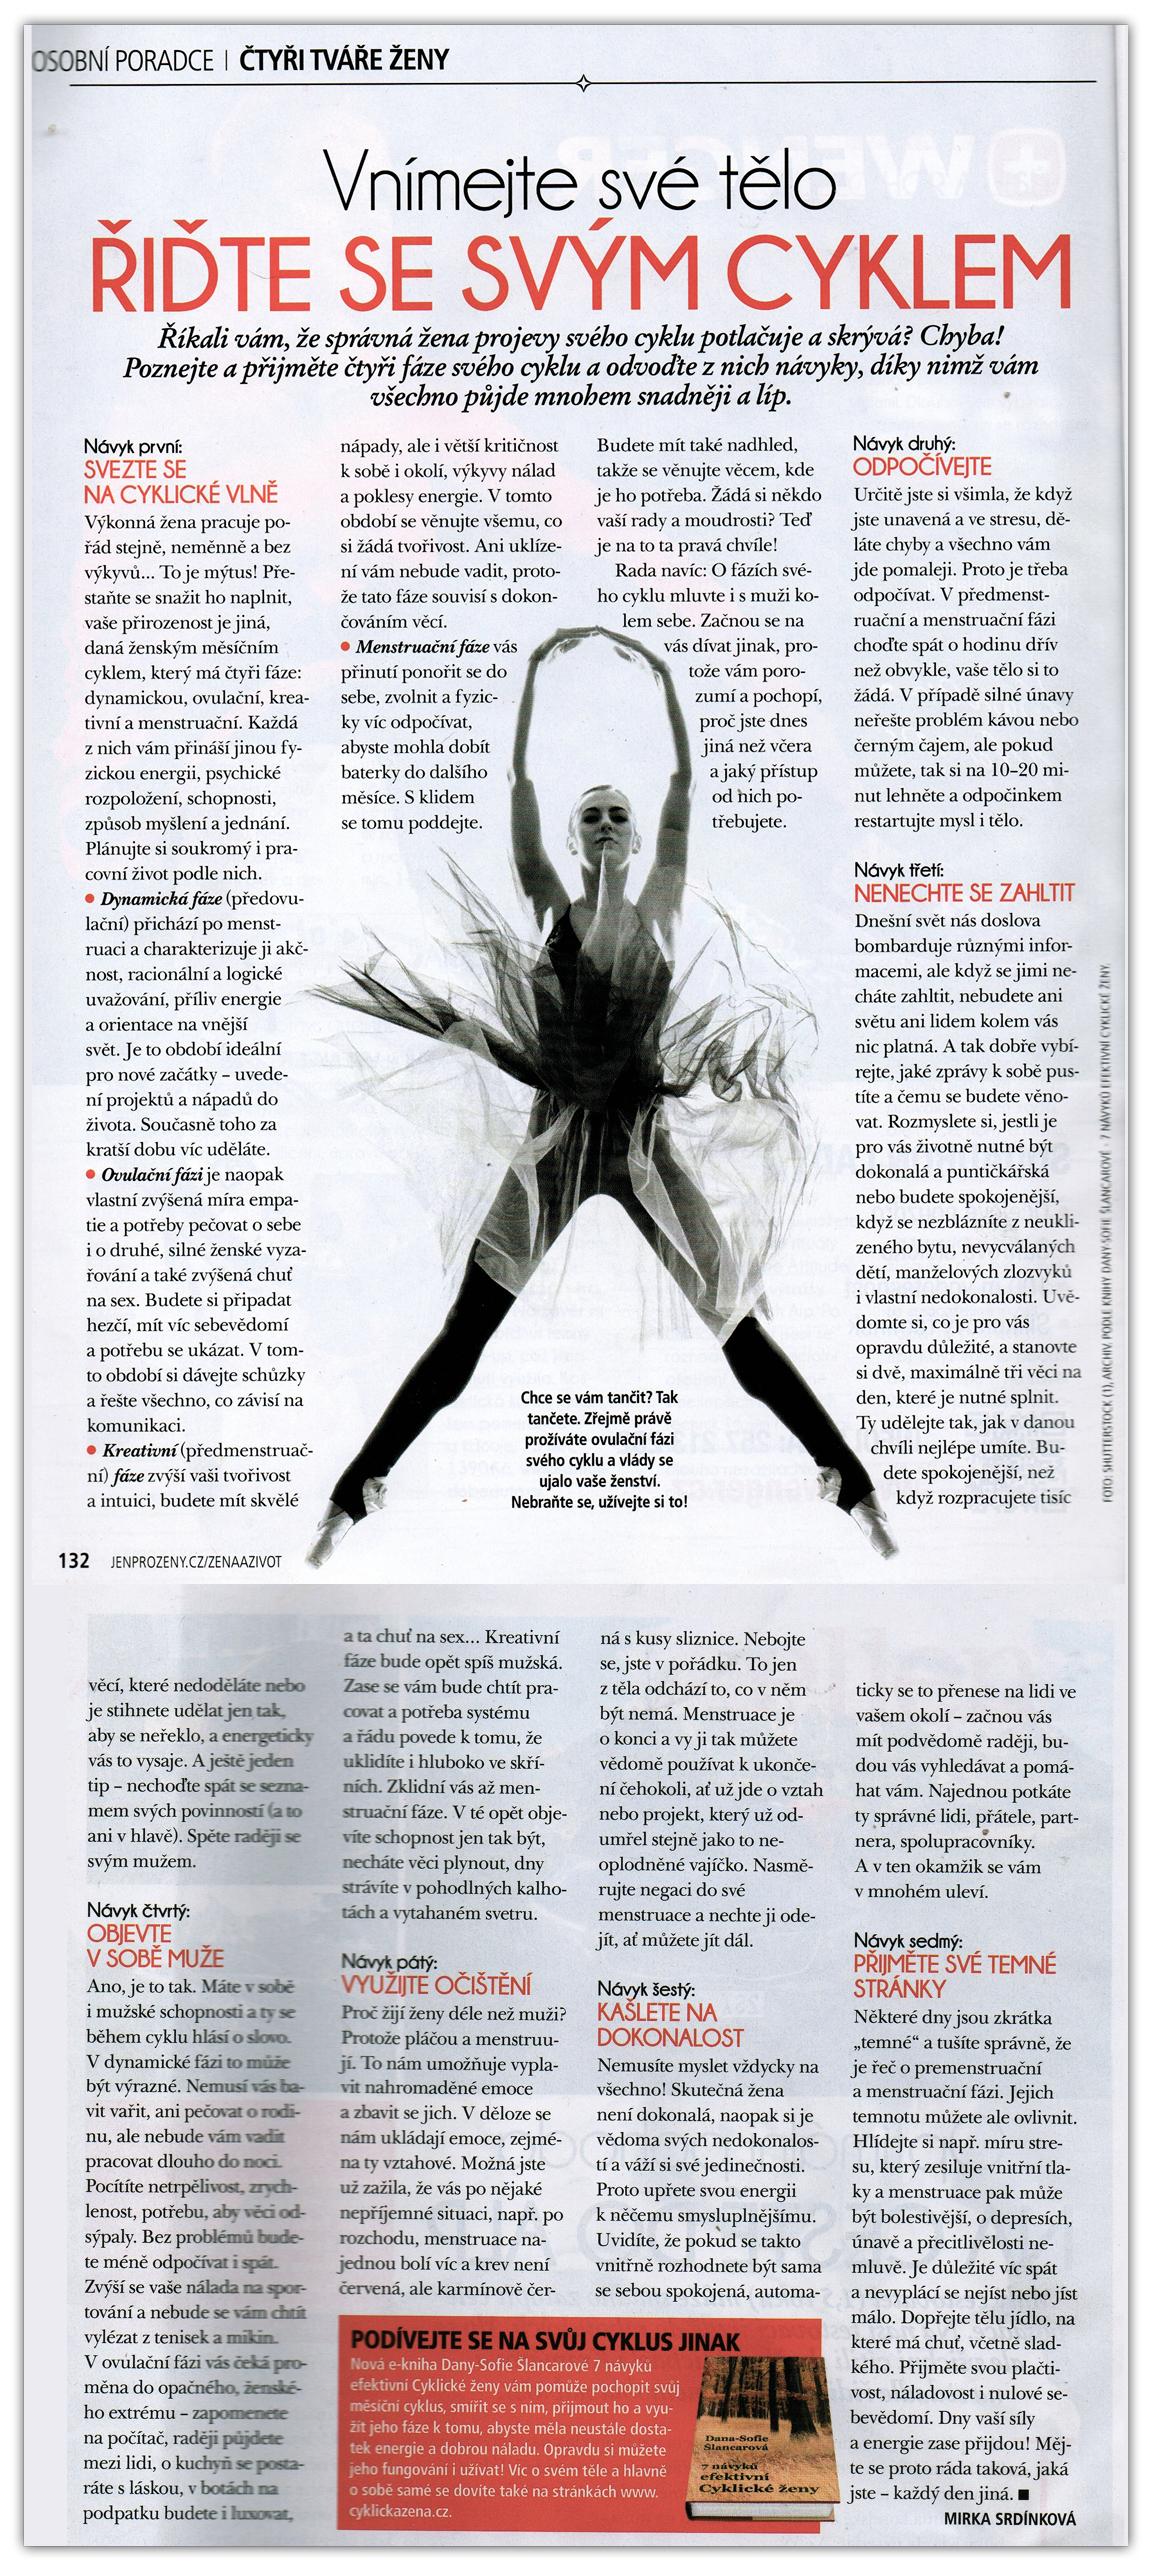 7 návyků v časopise Žena a život